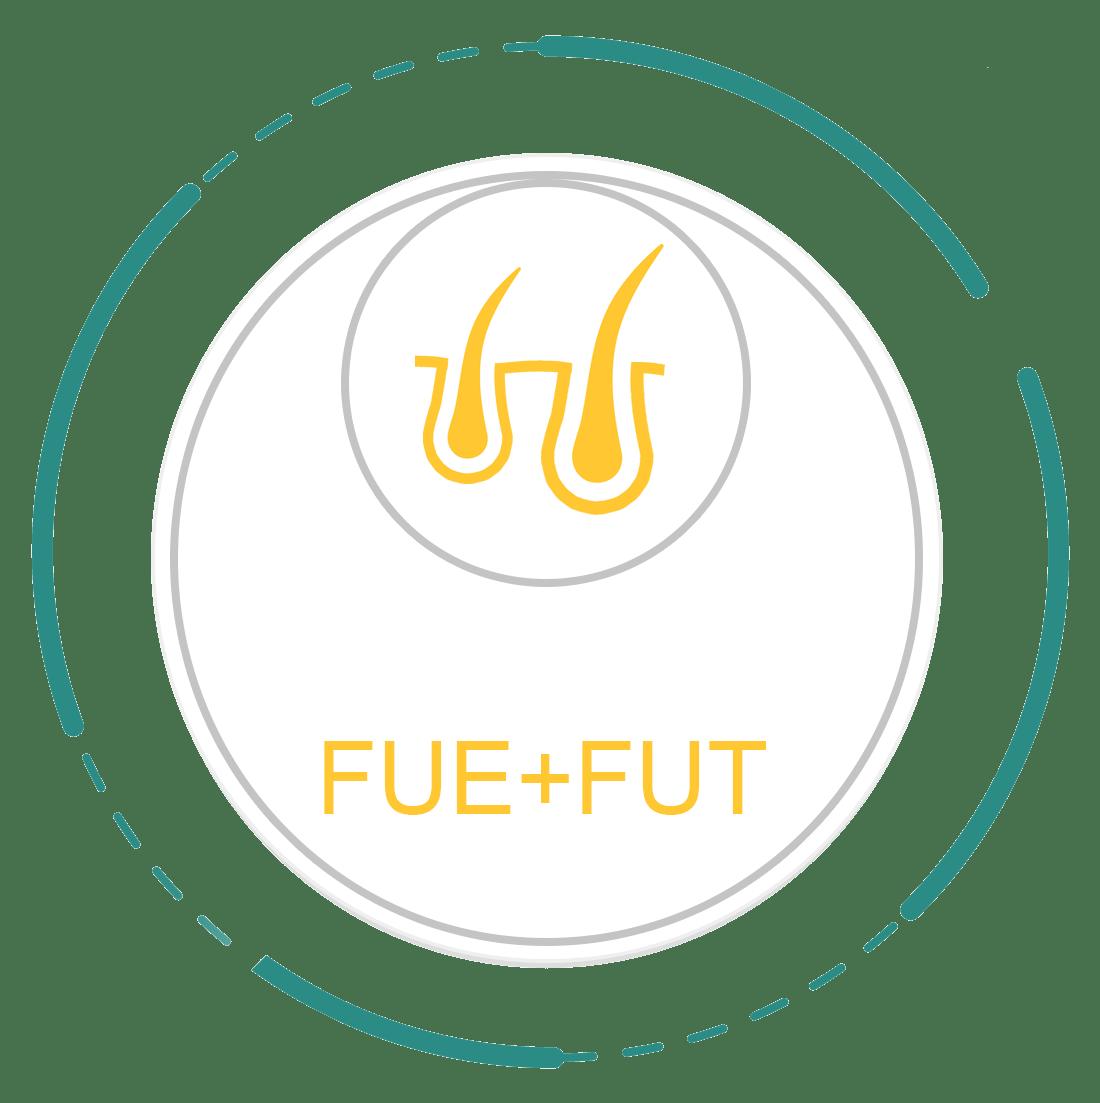 FUE+FUT